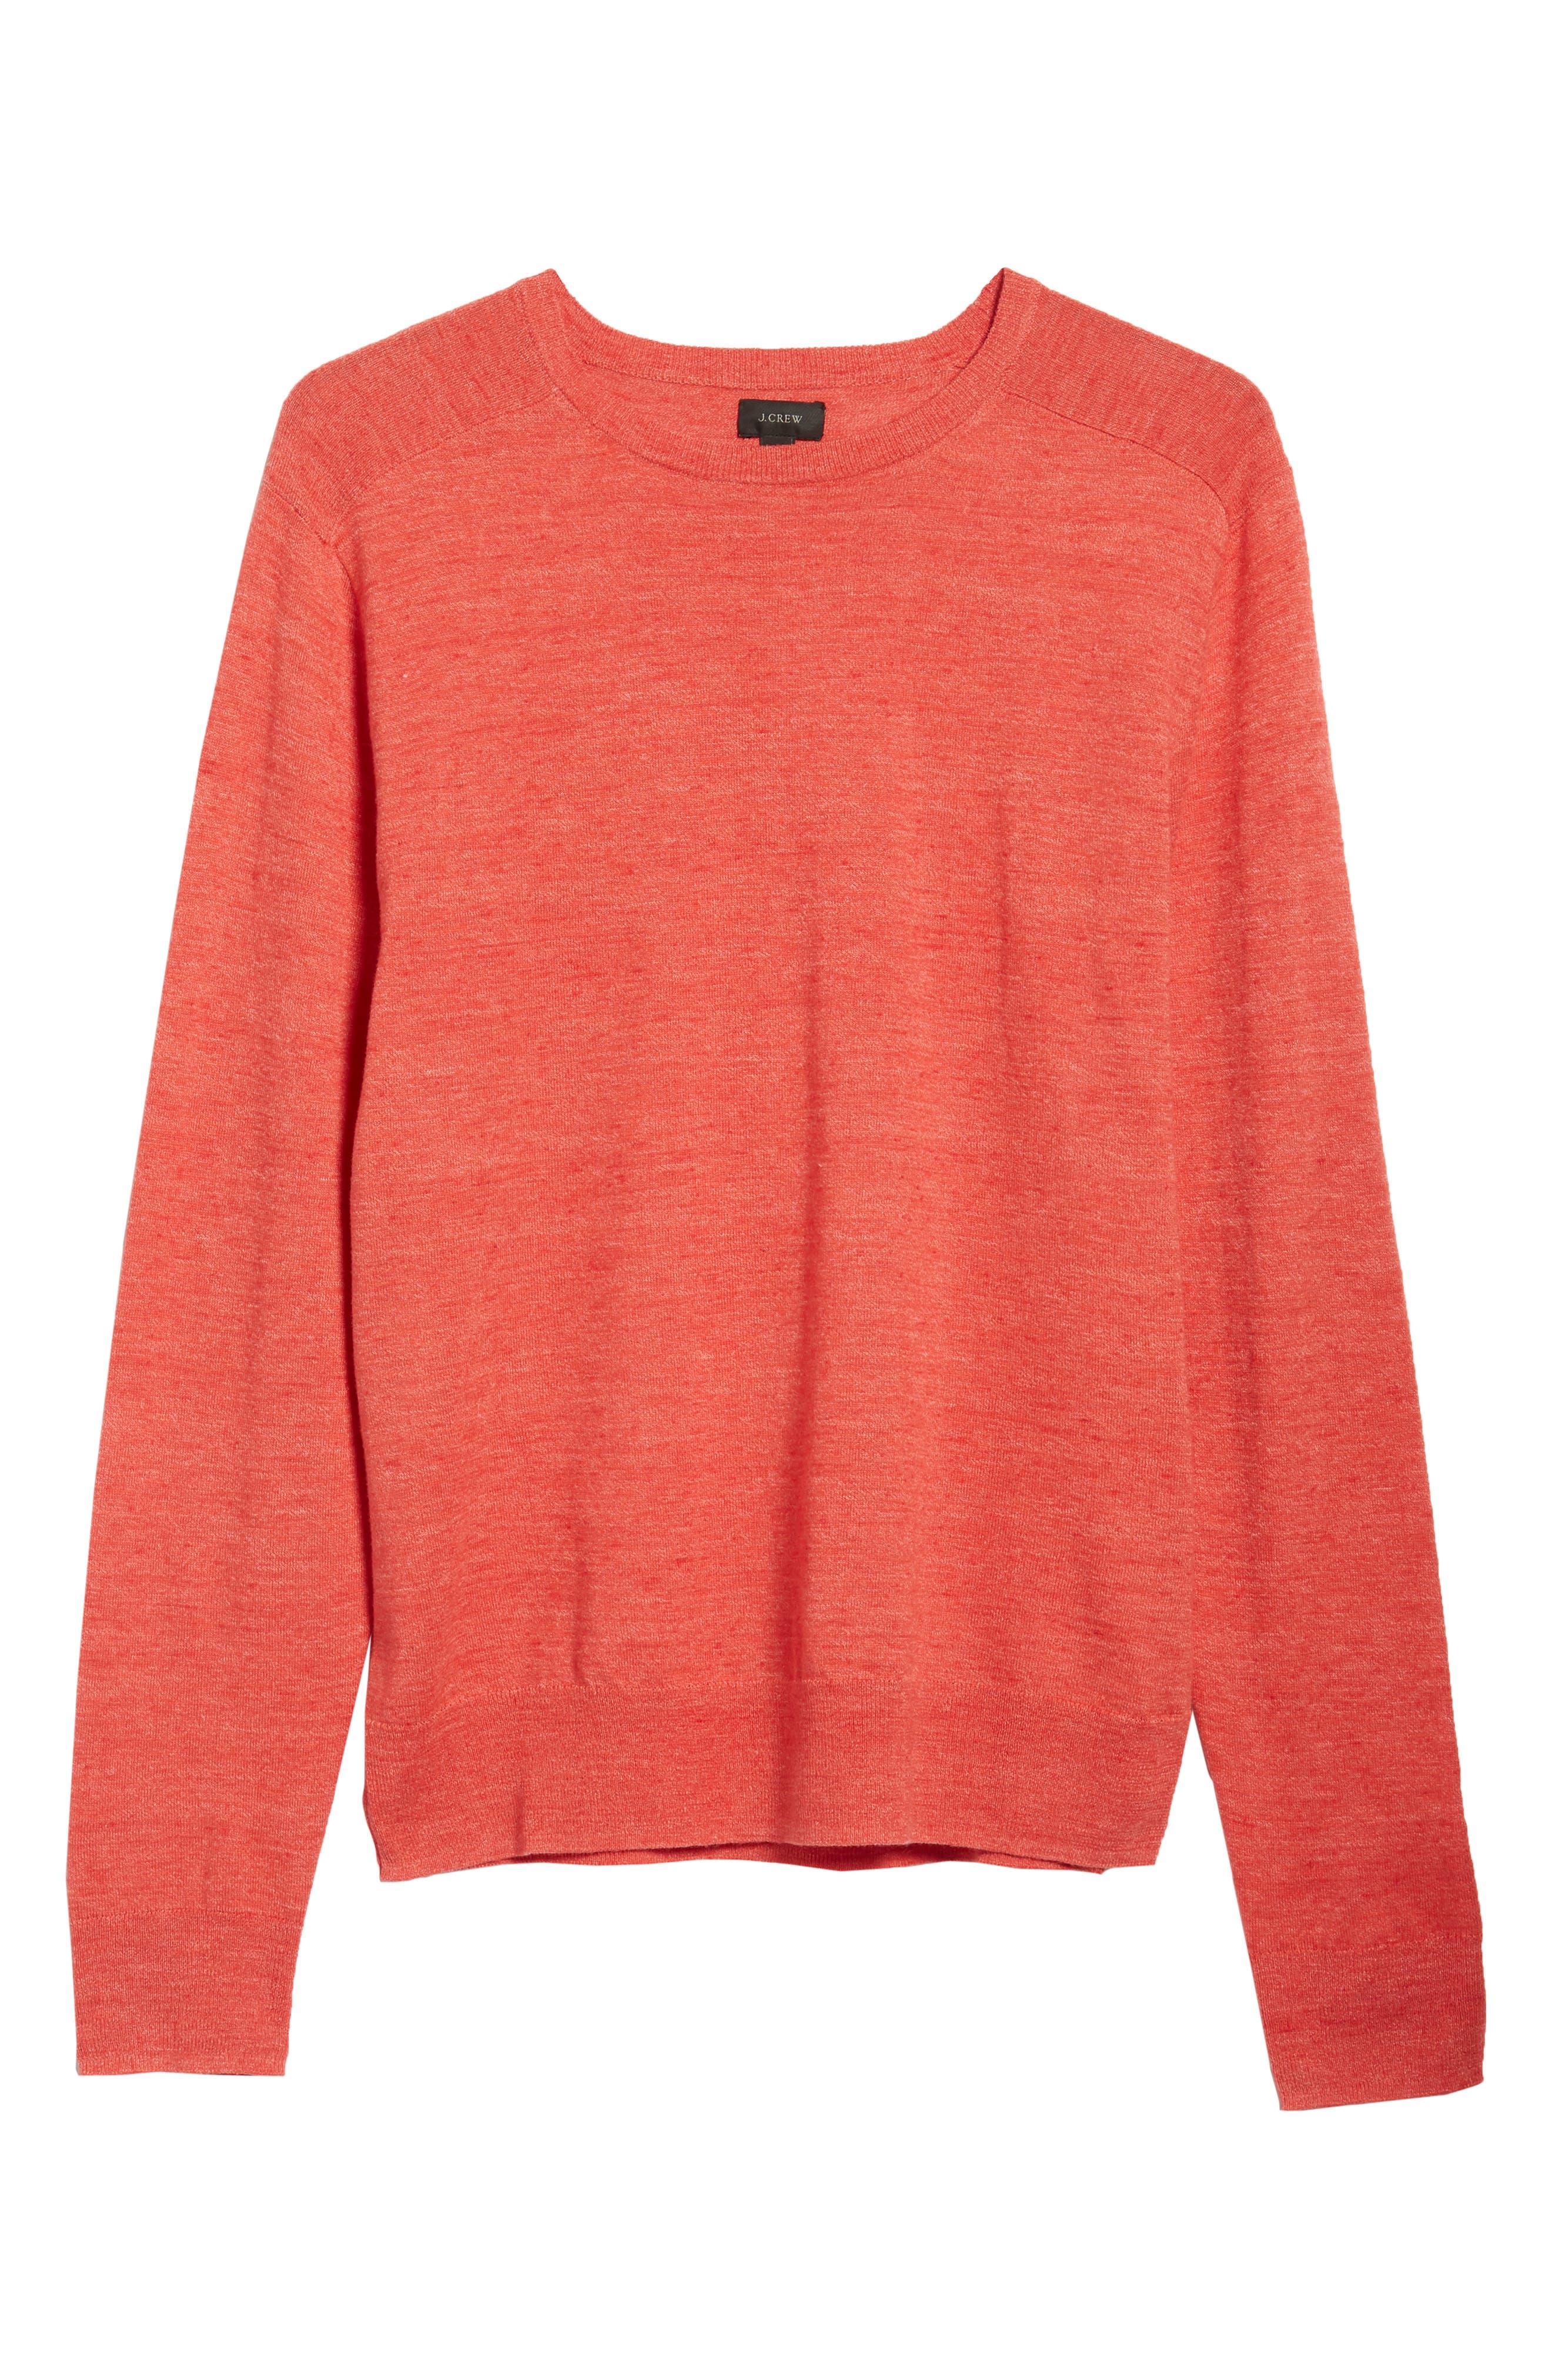 Cotton Blend Crewneck Sweater,                             Alternate thumbnail 24, color,